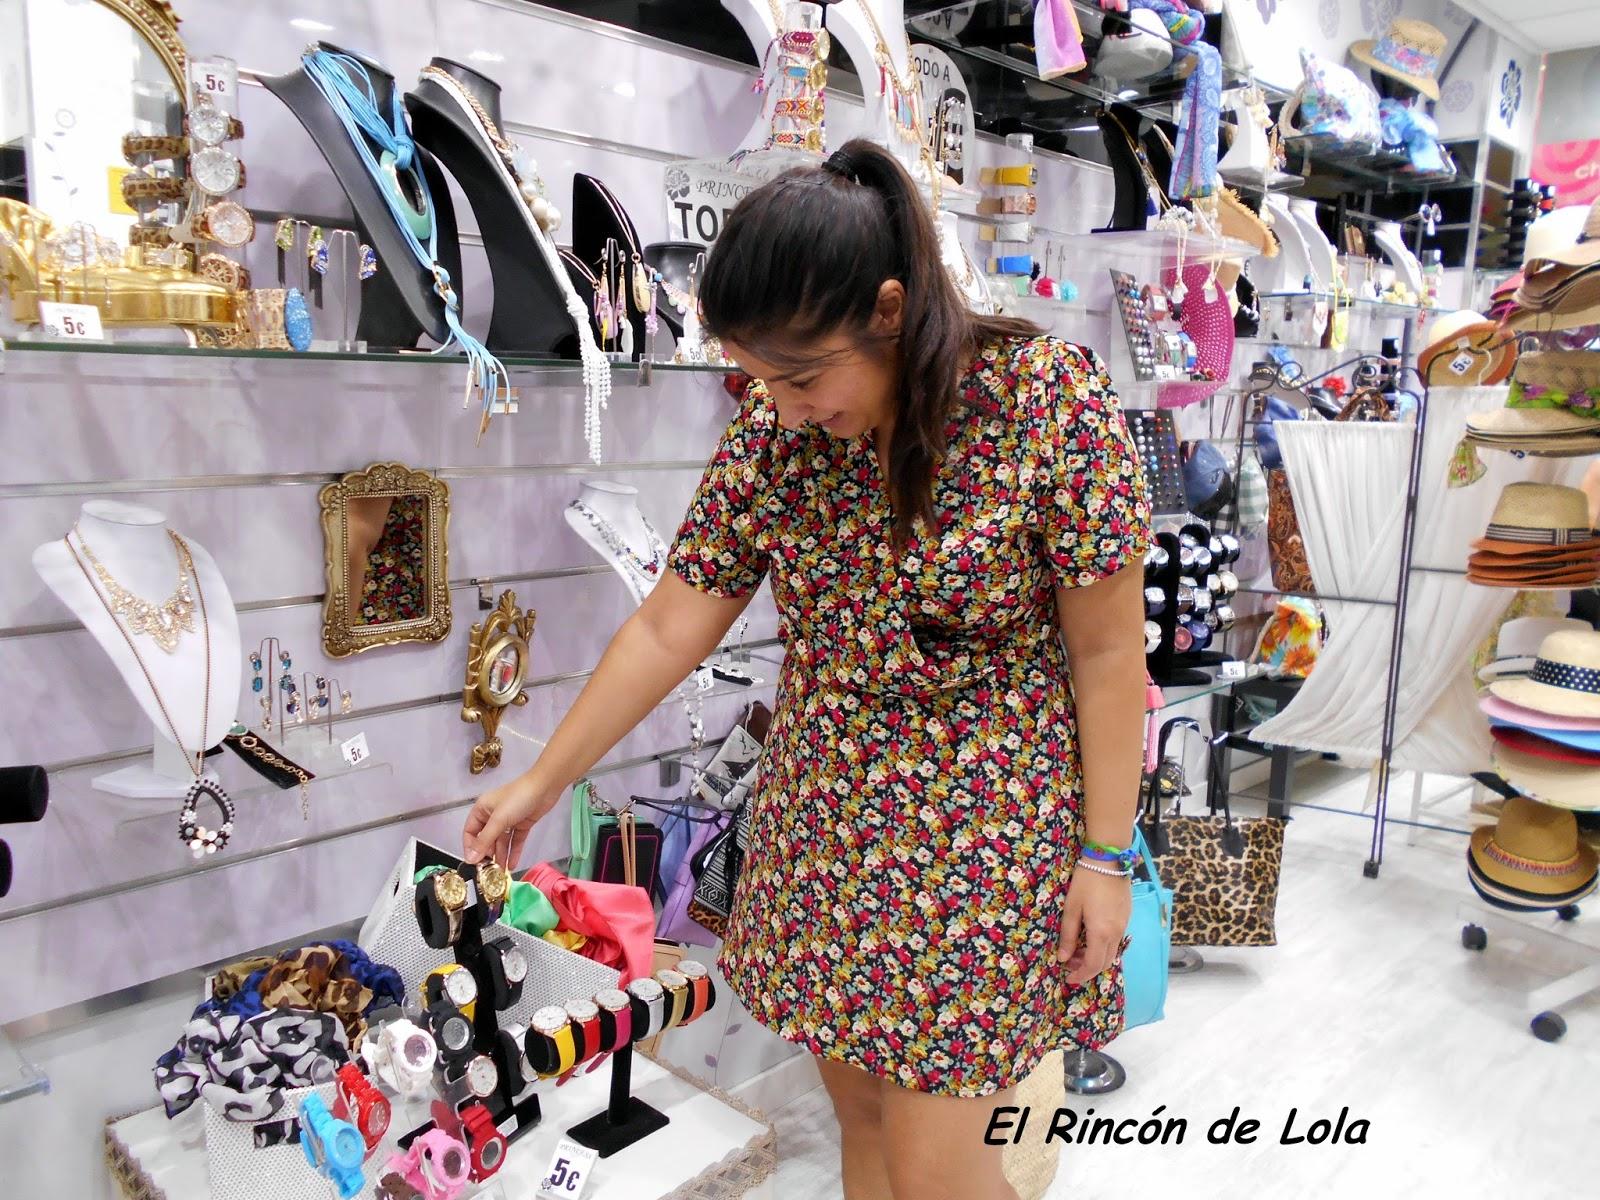 4b2d4bff5fa4 Princess, bisutería low cost en Granada… – ElRinconDLola